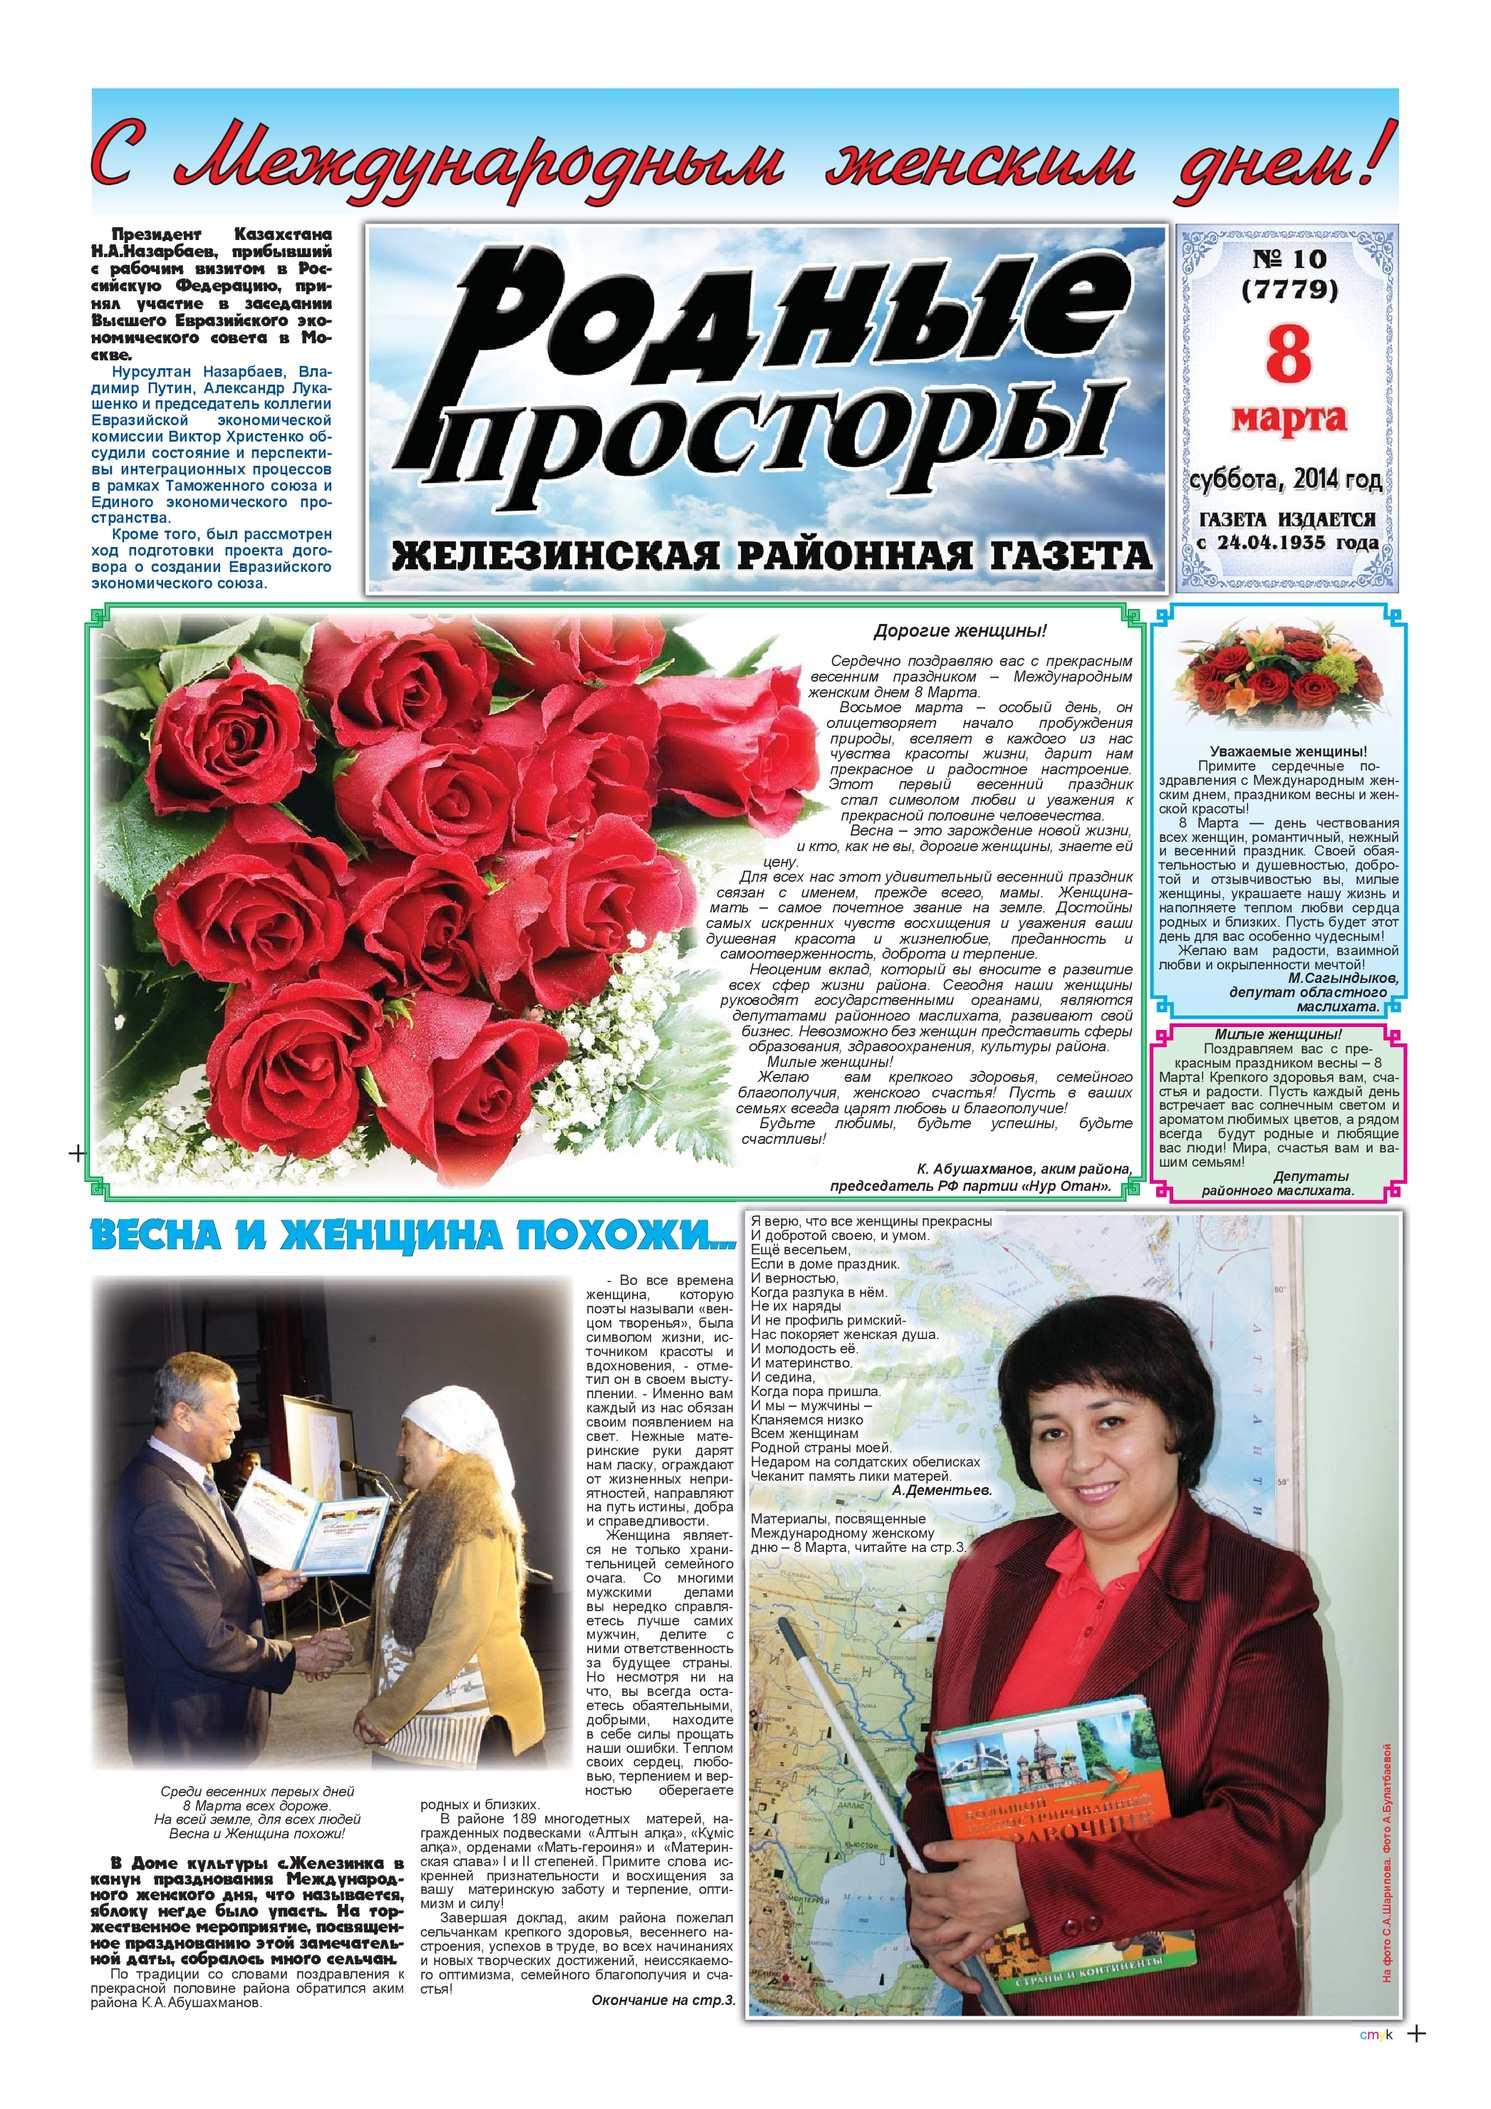 Поздравление с юбилеем газету от главы района